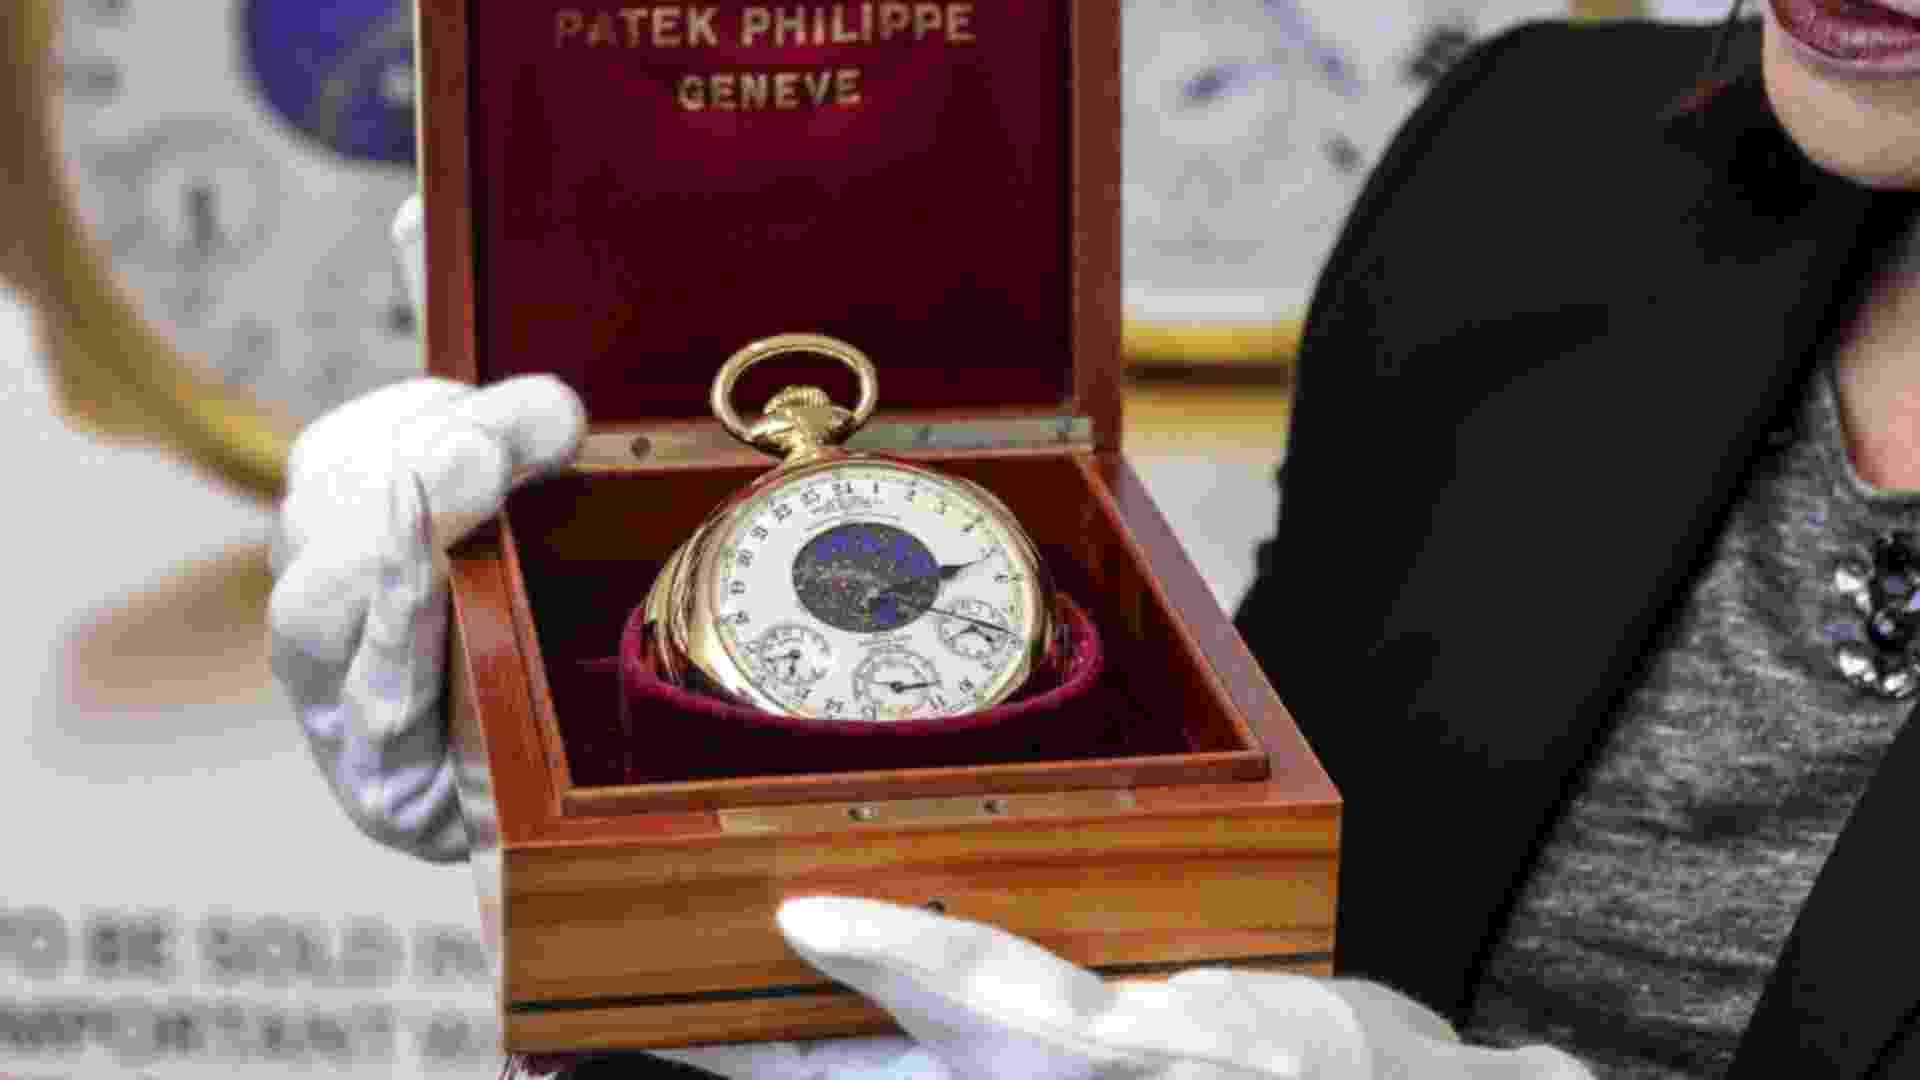 12.nov.2014 - Um relógio de bolso foi leiloado na Suíça por US$ 21 milhões, o equivalente a R$ 53,5 milhões, sendo considerado o mais caro do mundo - BBC